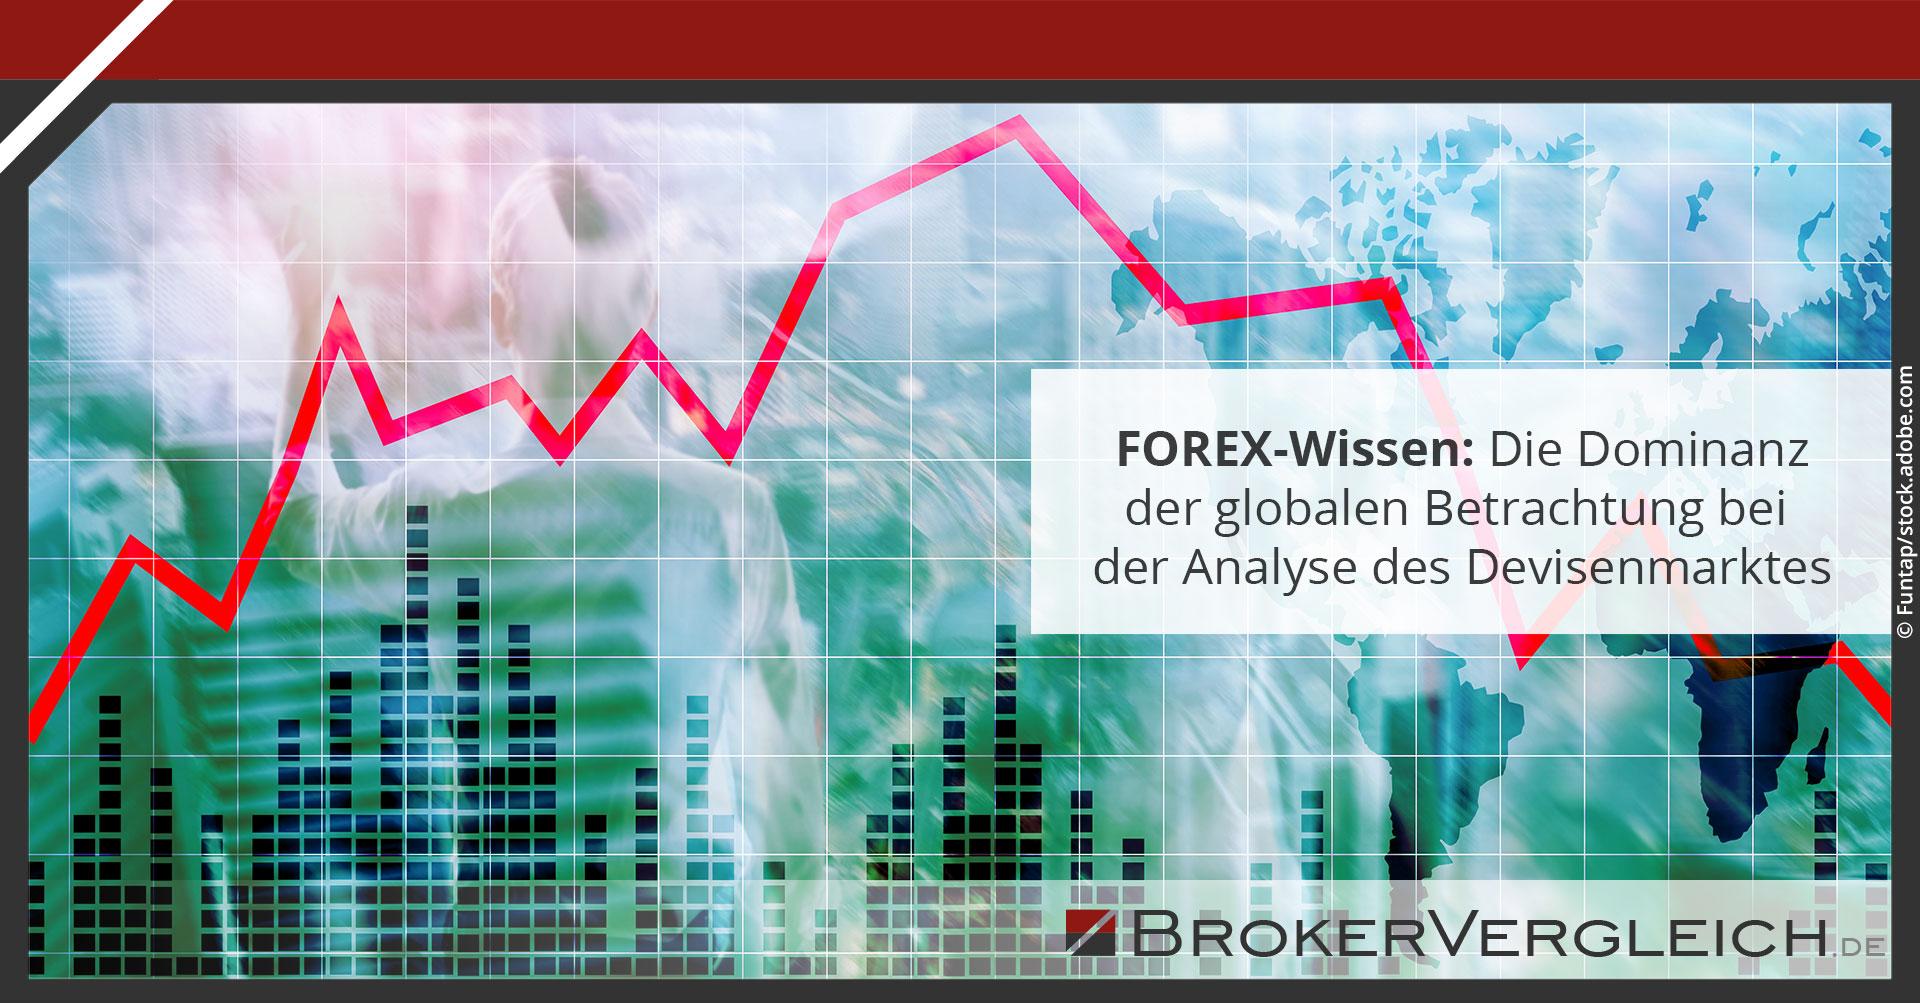 Zum Beitrag - Die Dominanz der globalen Betrachtung bei der Analyse des Devisenmarktes